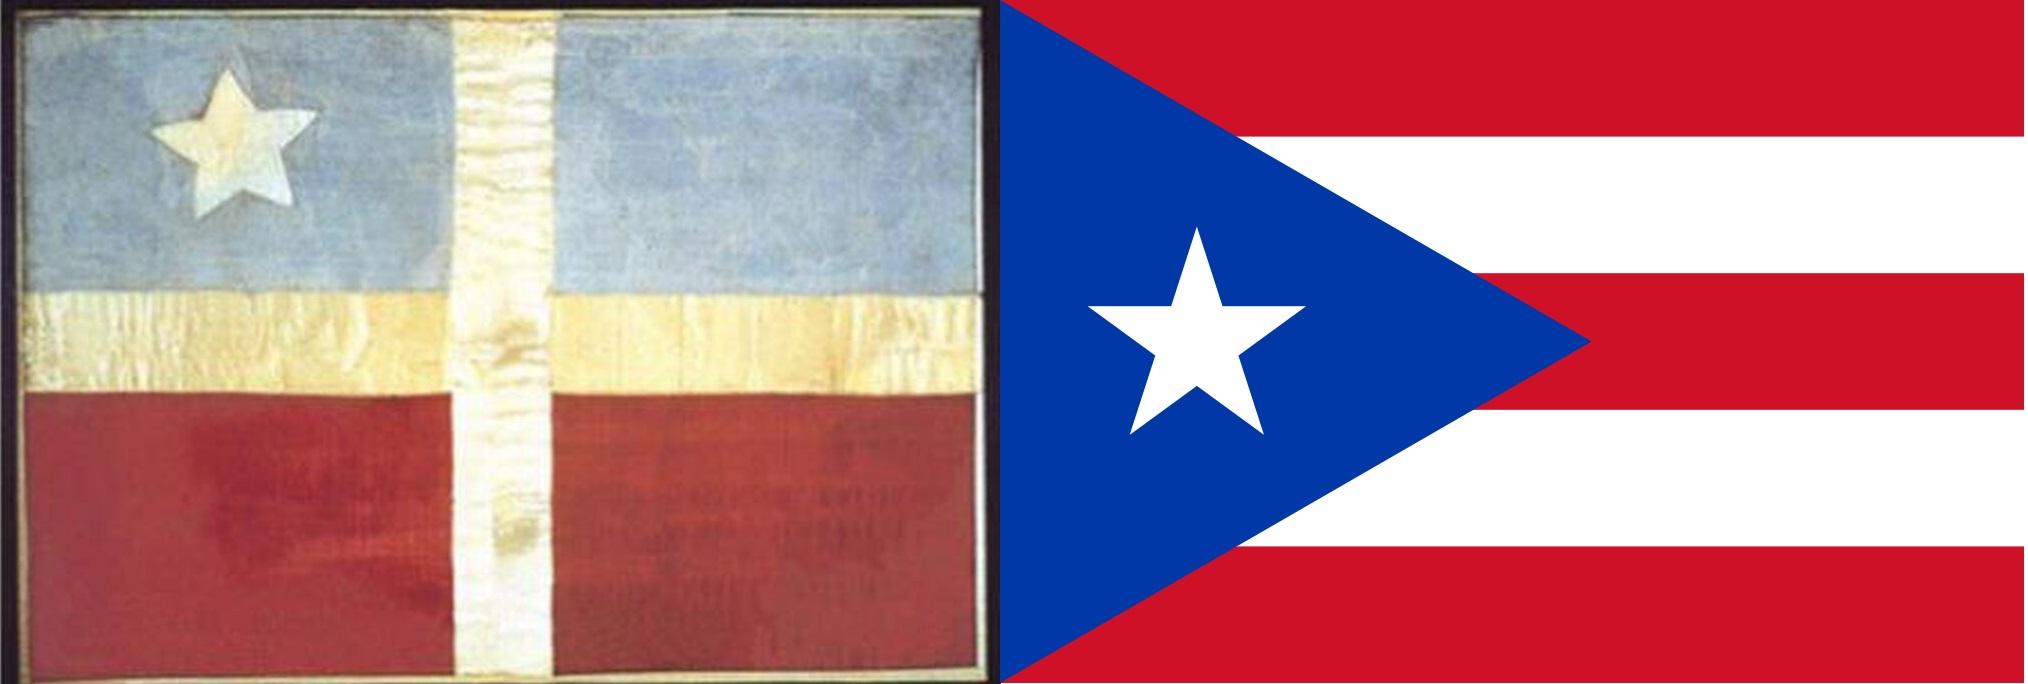 De vlag van de Grito de Lares en de huidige vlag